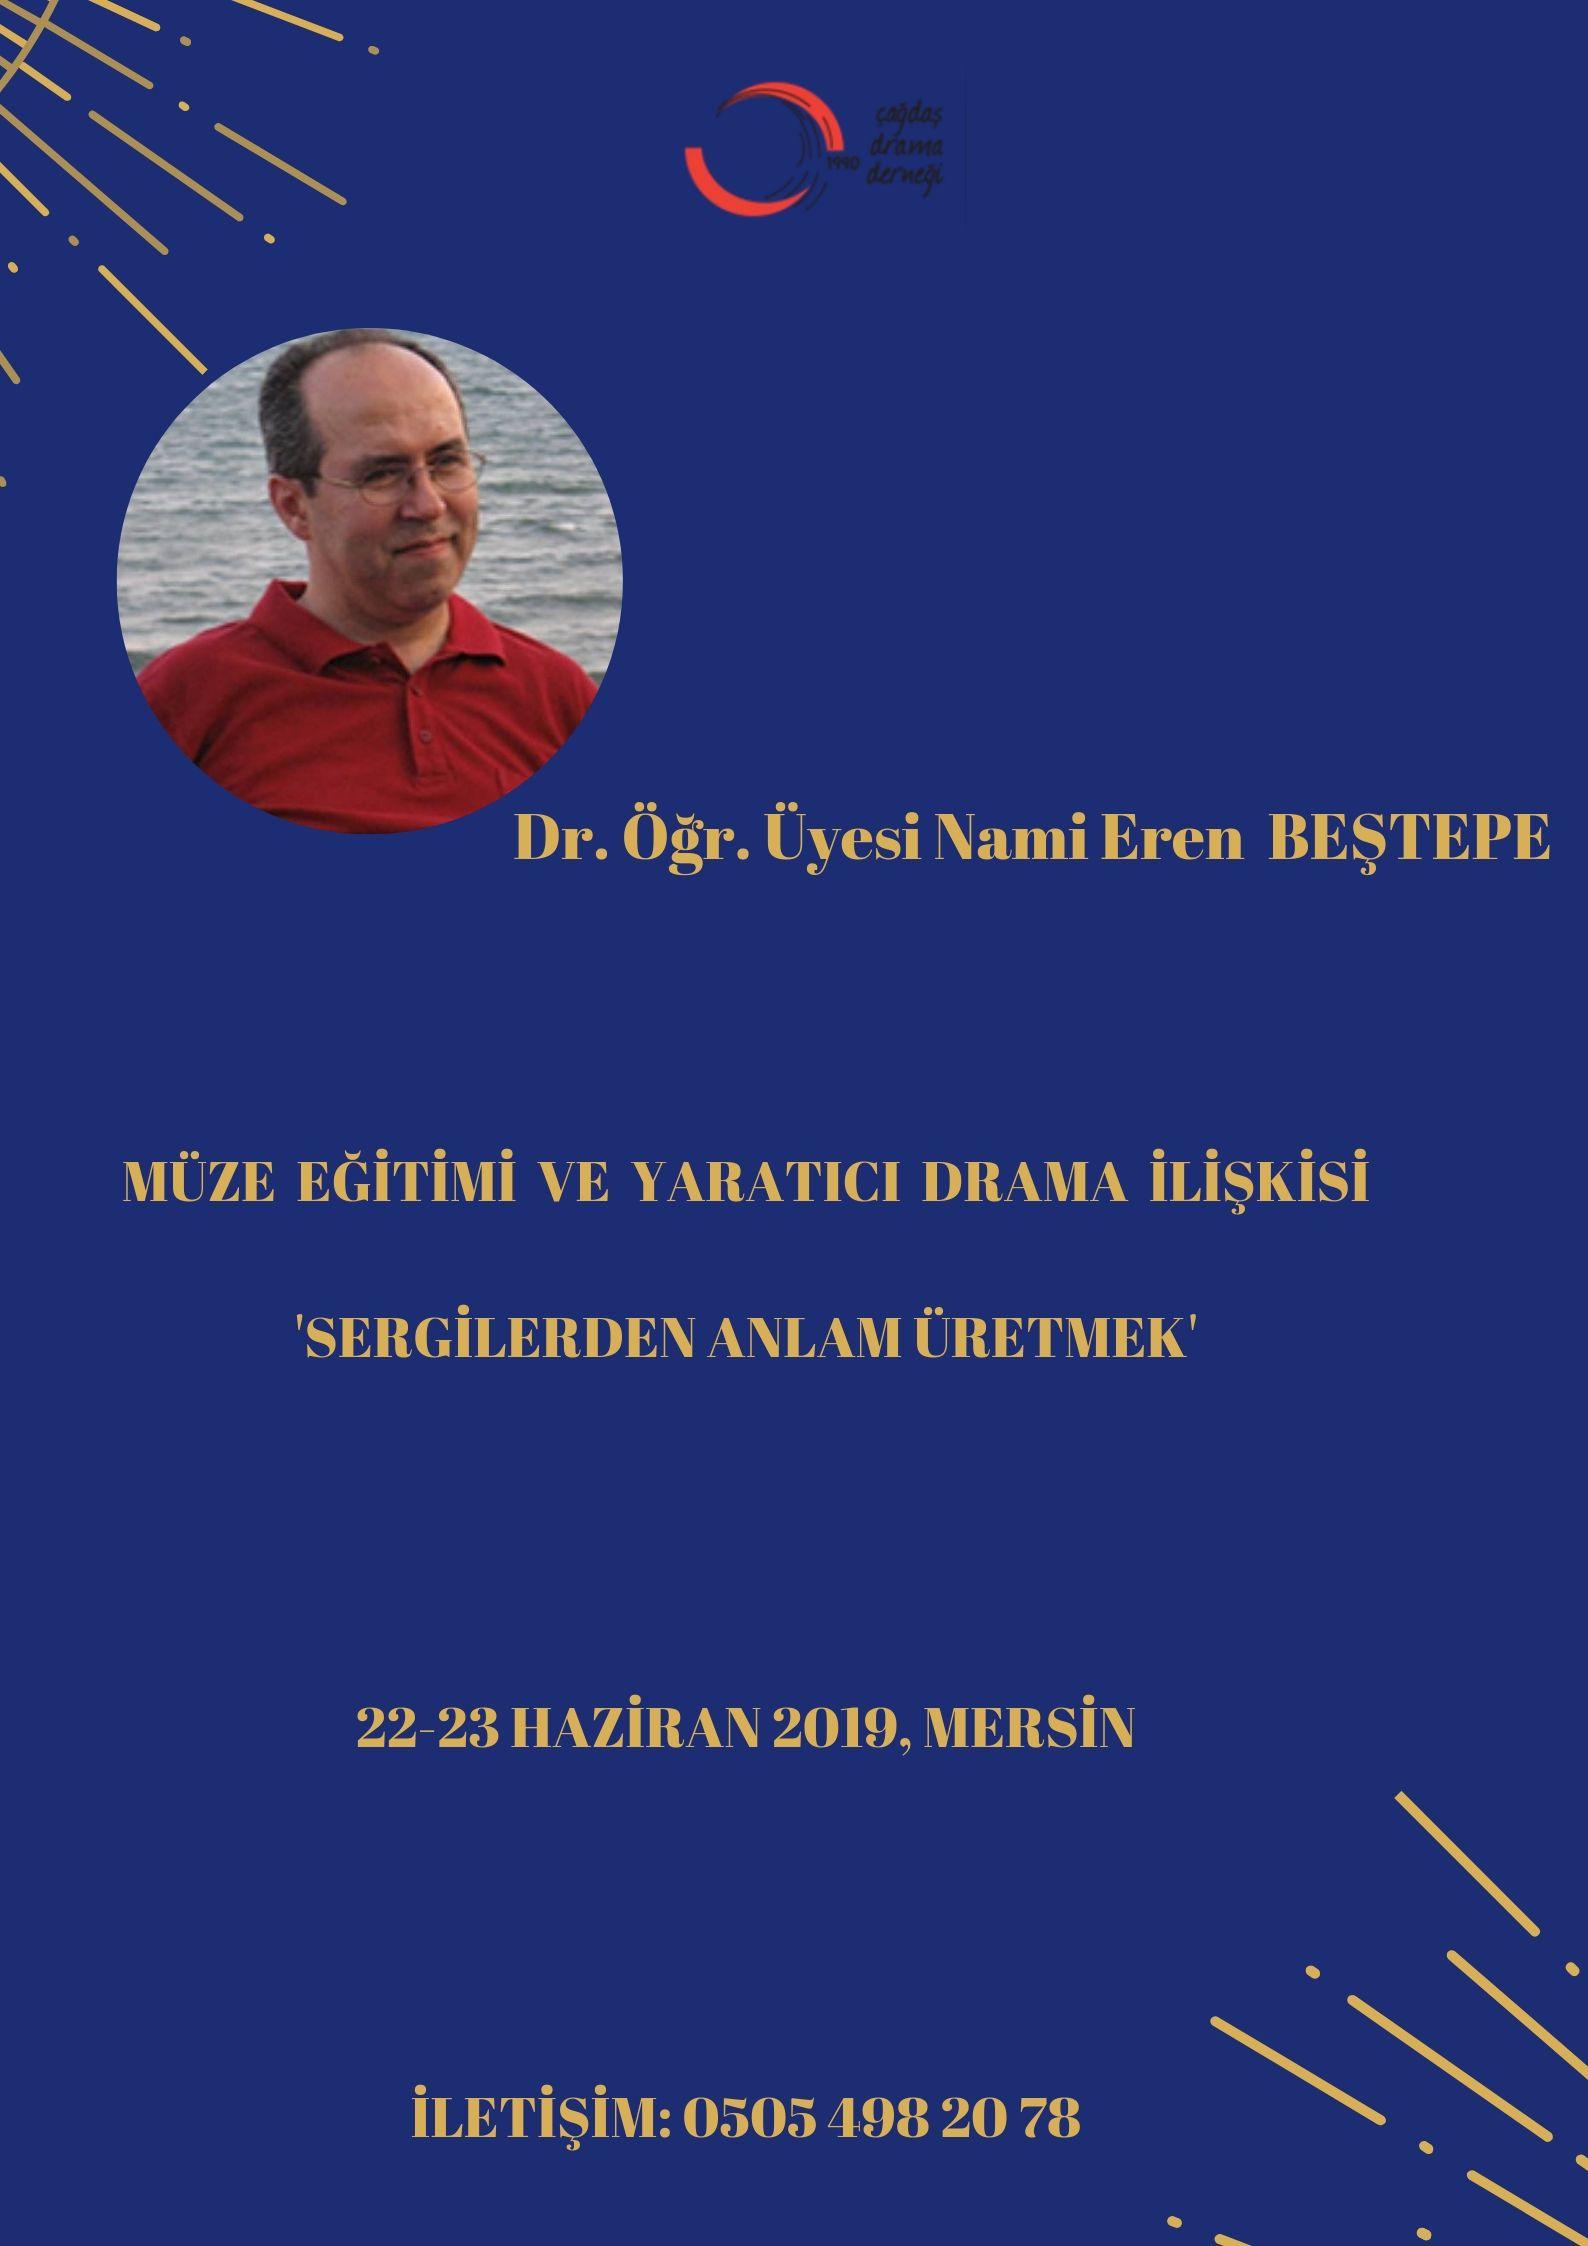 Konulu Atölye (Mersin) / Müze Eğitimi ve Yaratıcı Drama İlişkisi 'Sergilerden Anlam Üretmek' – Dr. Öğr. Üyesi Nami Eren Beştepe